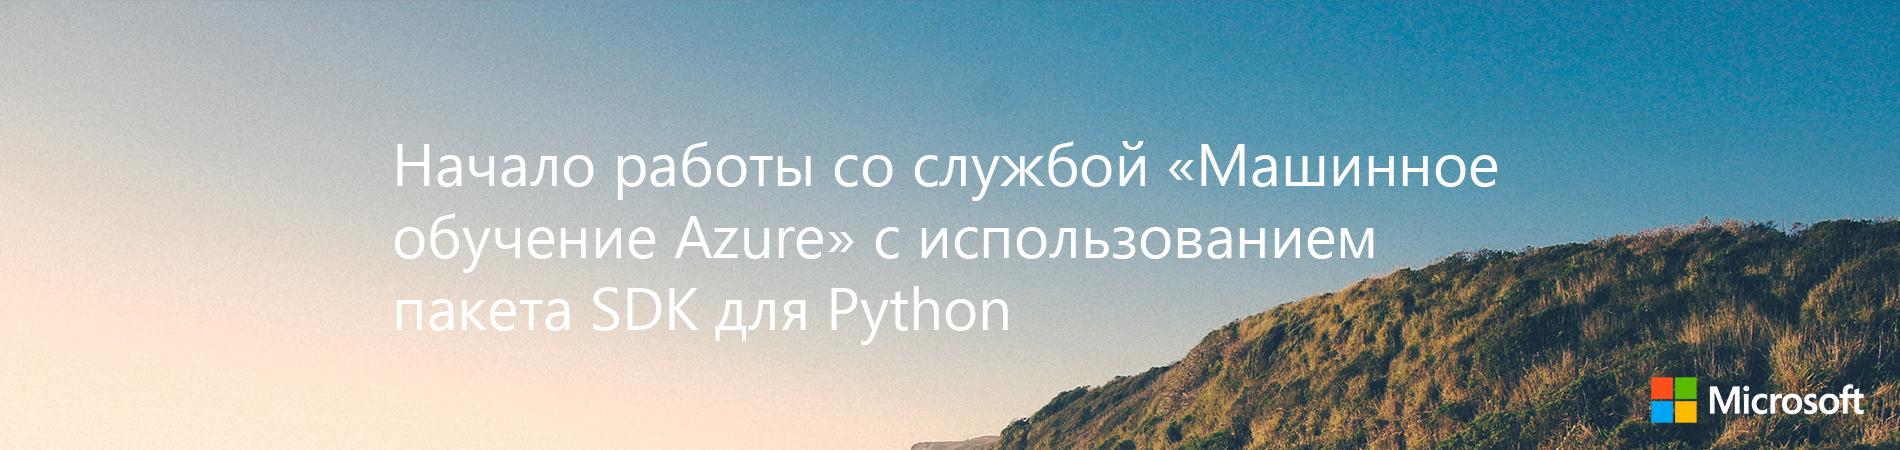 Начало работы со службой «Машинное обучение Azure» с использованием пакета SDK для Python